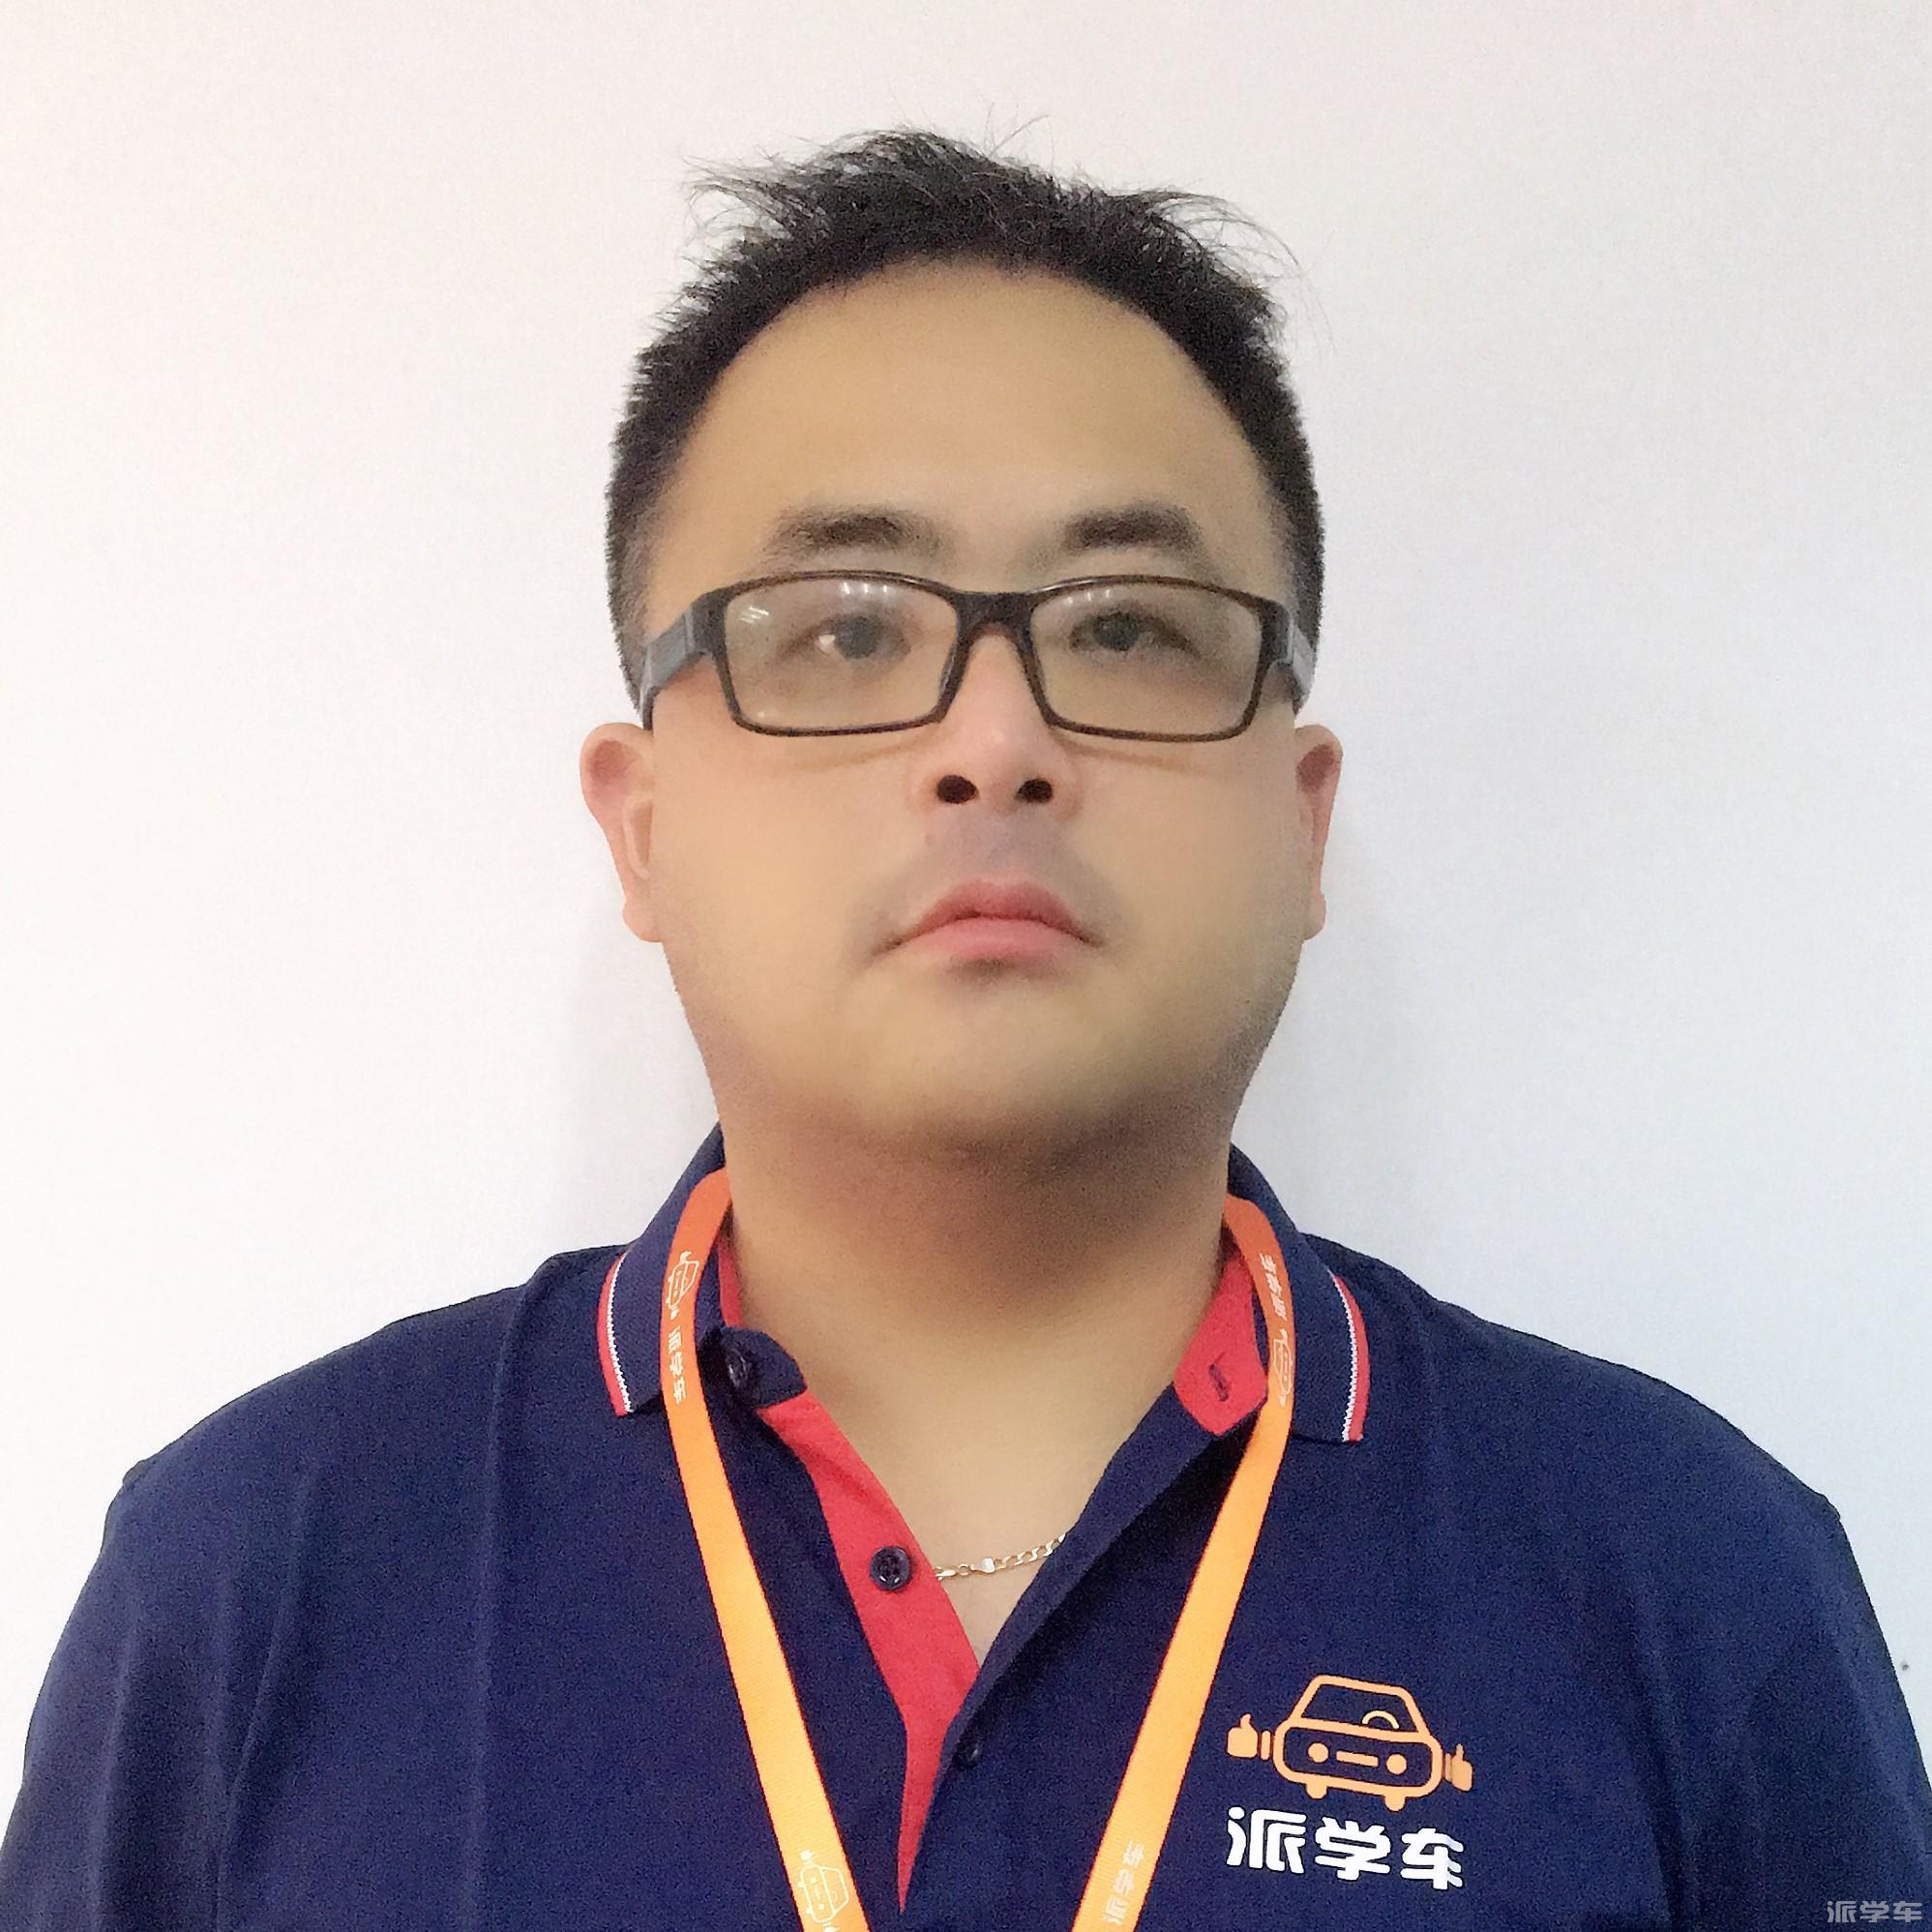 教练朱鸣安(新桑塔纳)